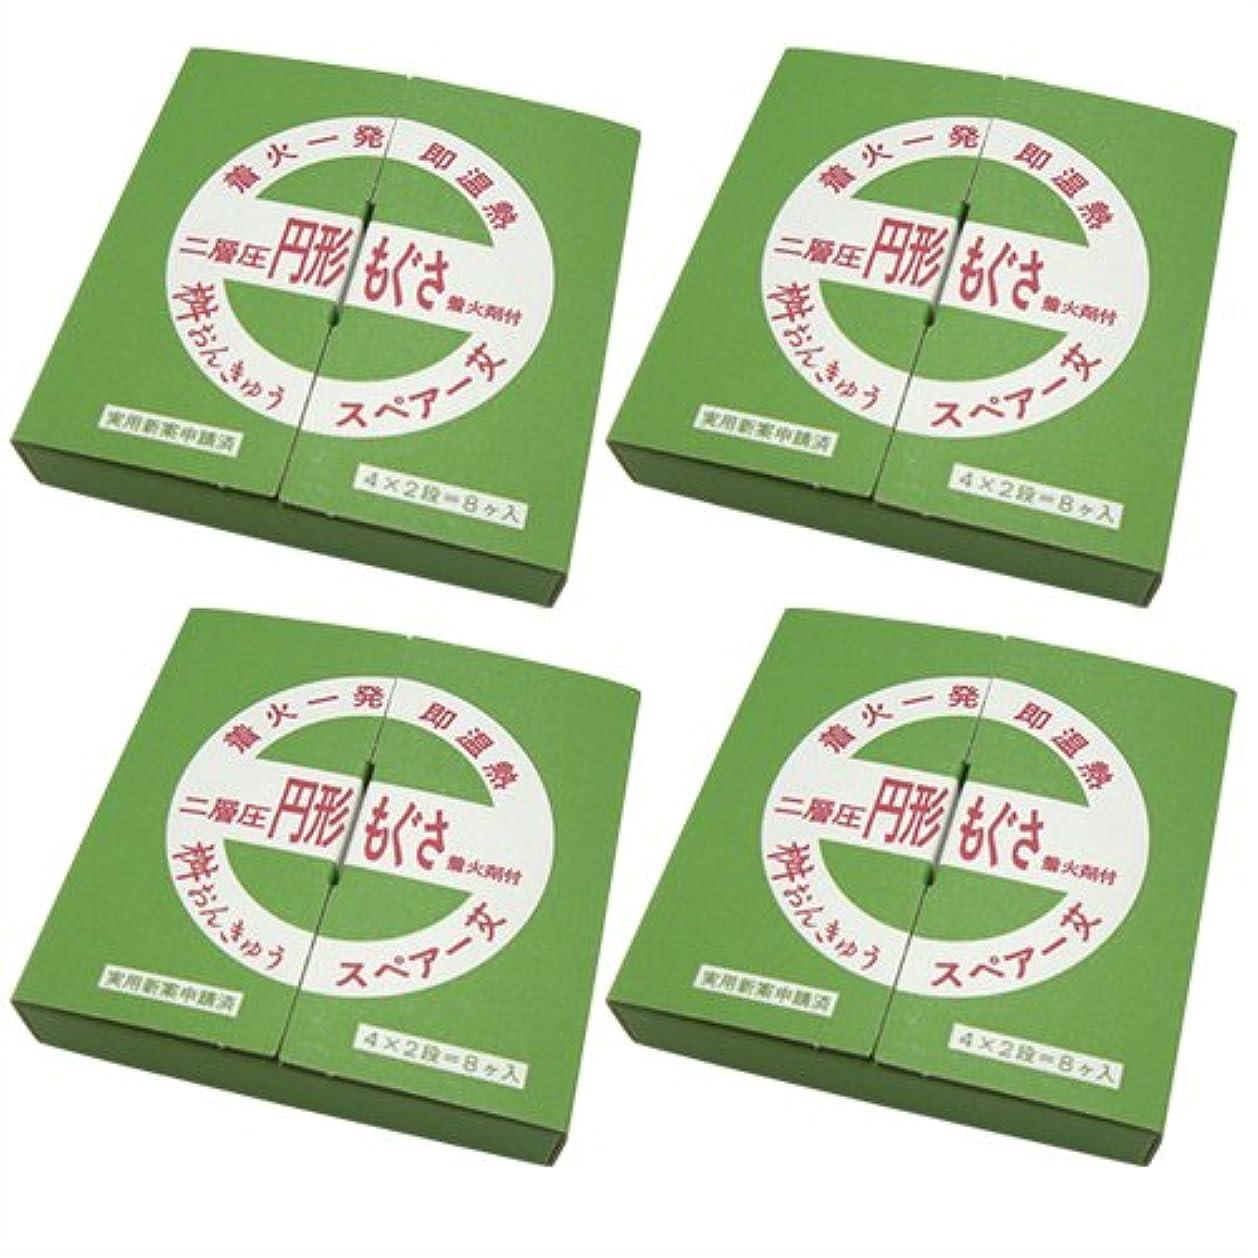 マリナー囲む専門用語桝おんきゅう用スペアもぐさ 二層圧 円形もぐさ (8ケ) ×4箱セット